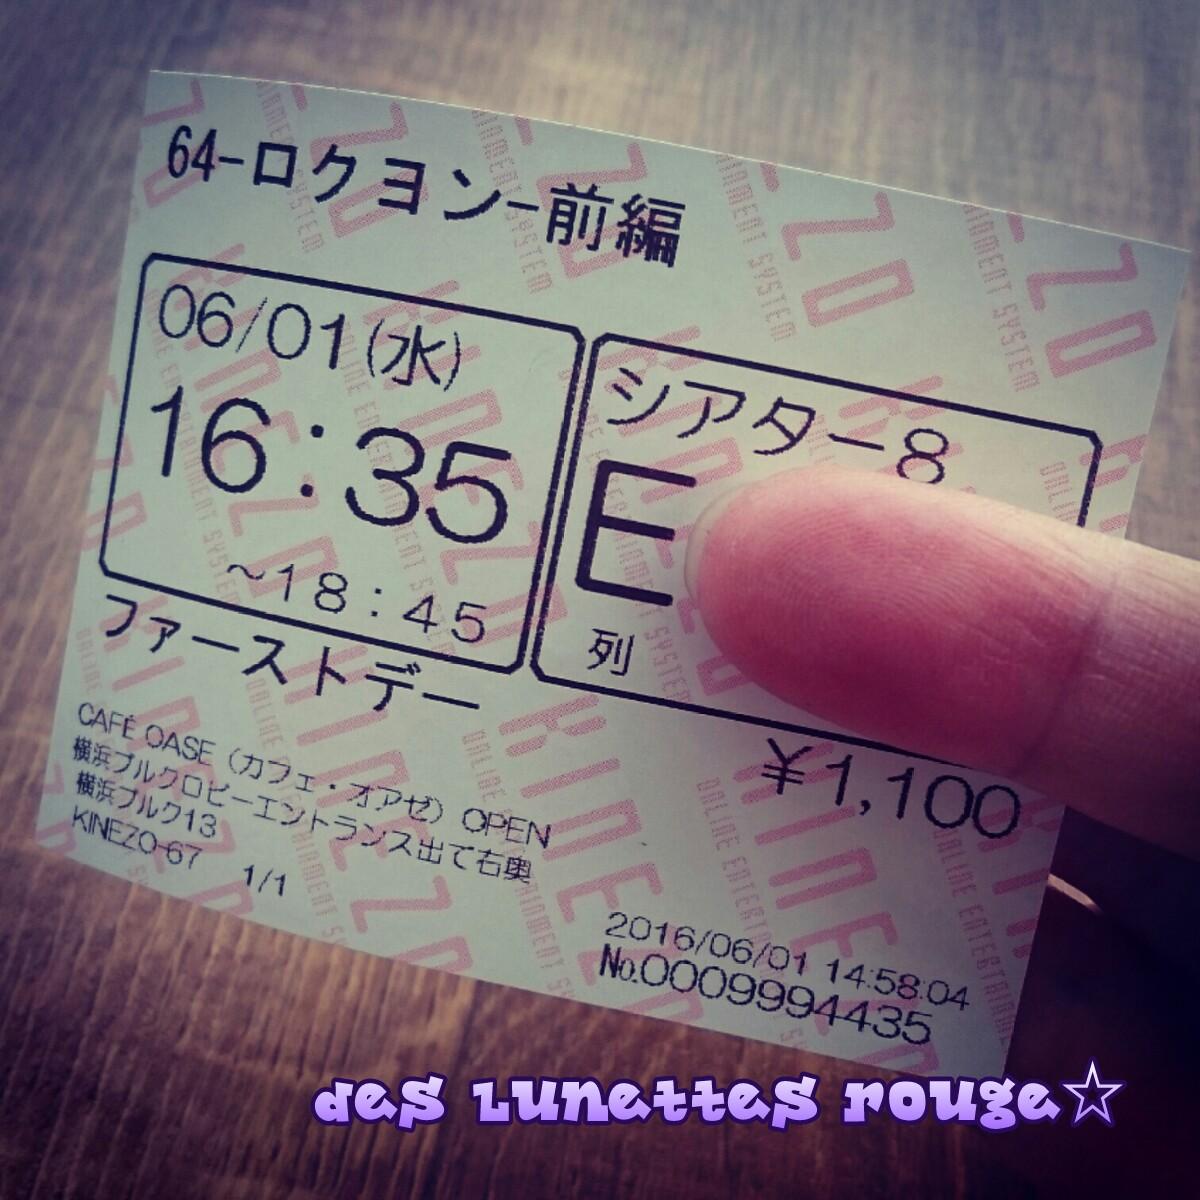 64 -ロクヨン- 前編